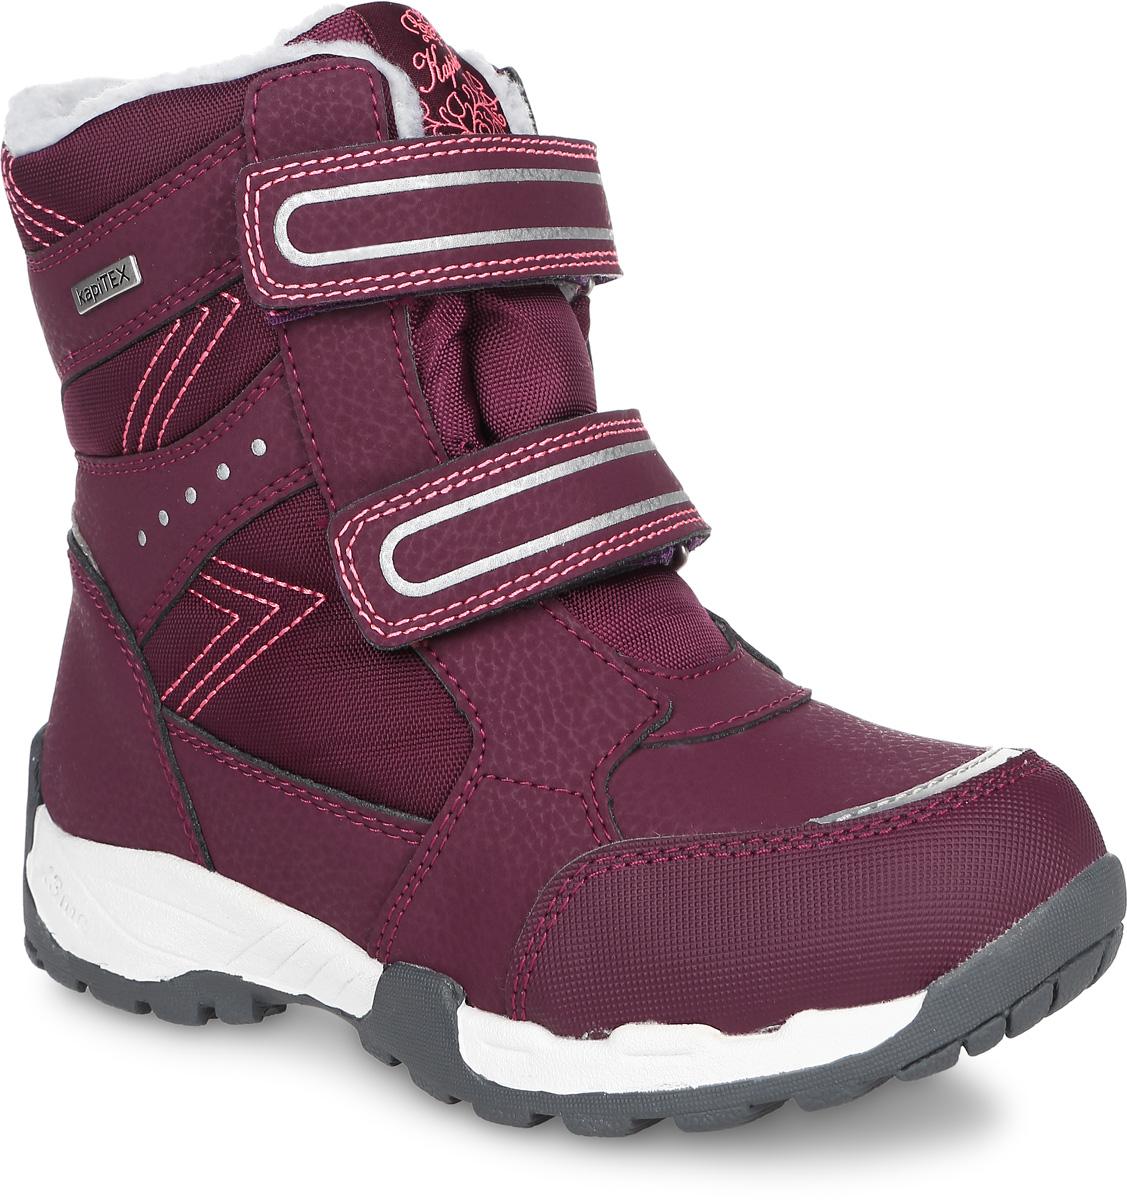 Ботинки43191-1Детские ботинки от Kapika выполнены из искусственной кожи и водонепроницаемого текстиля (мембраны). Модель на застежках-липучках. Подкладка изготовлена из текстиля и шерсти. Подошва из прочной резины оснащена рифлением.